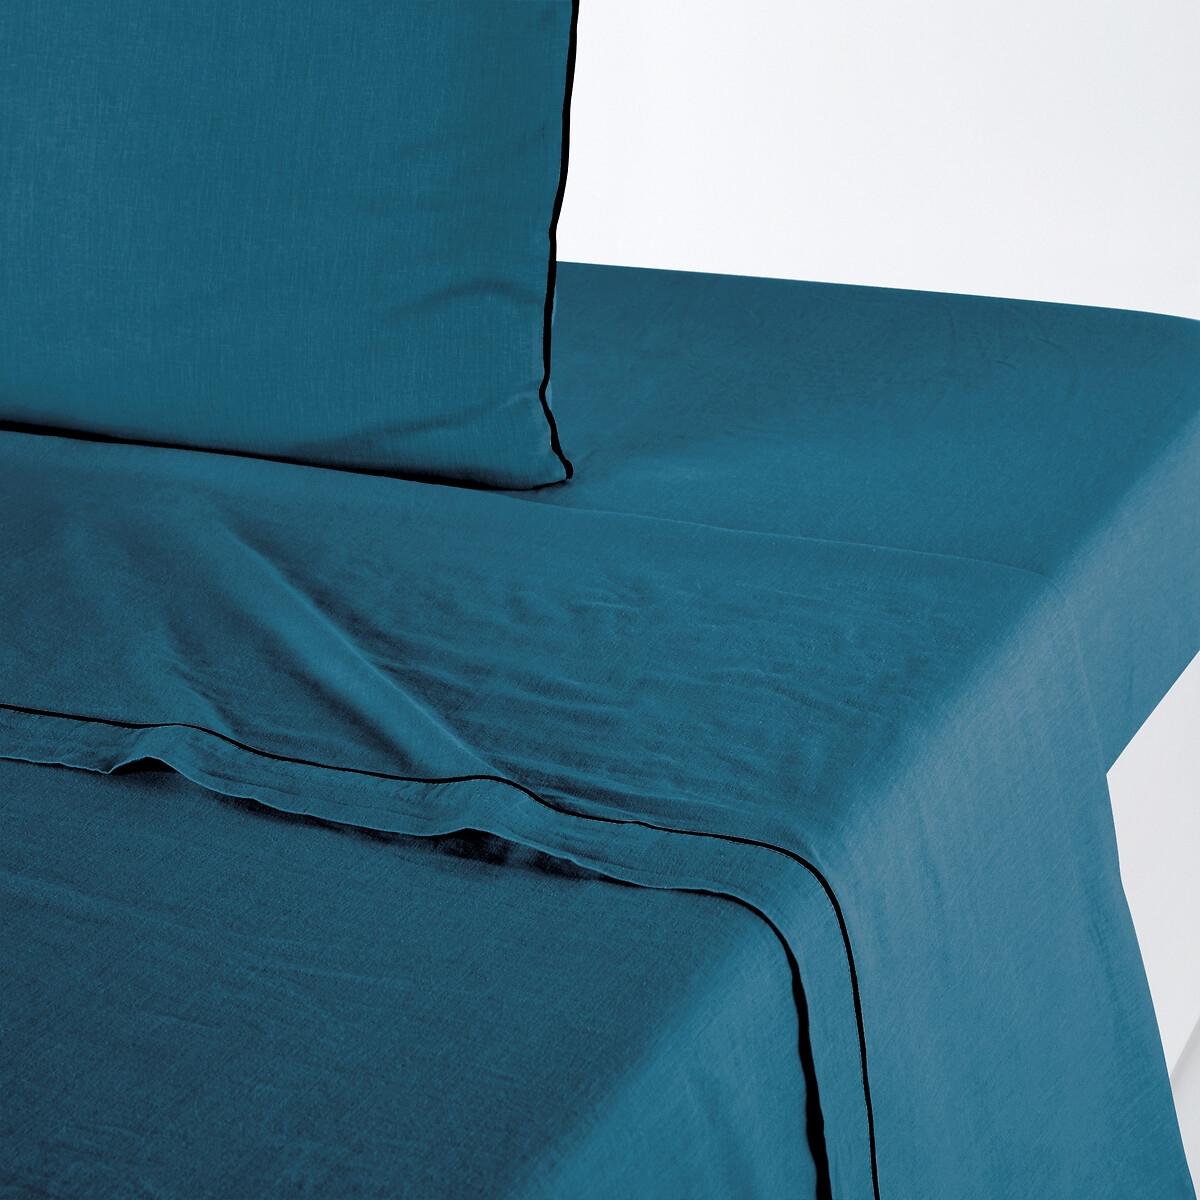 Простыня La Redoute Из льна и хлопка Lior 240 x 290 см синий простыня la redoute из хлопка euzalie 270 x 290 см синий